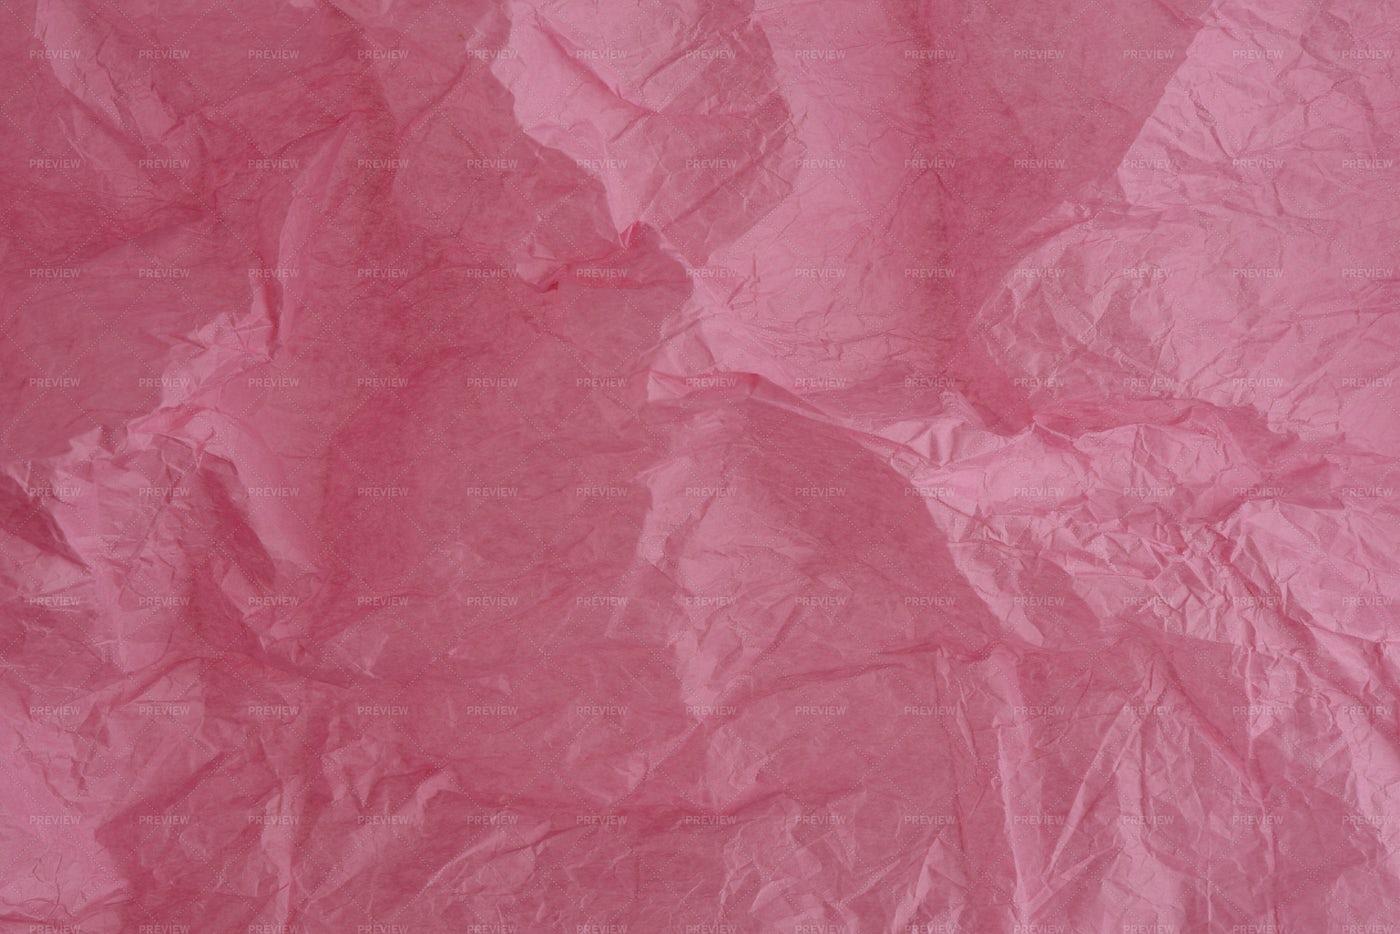 Crumpled Pink Silk Paper: Stock Photos